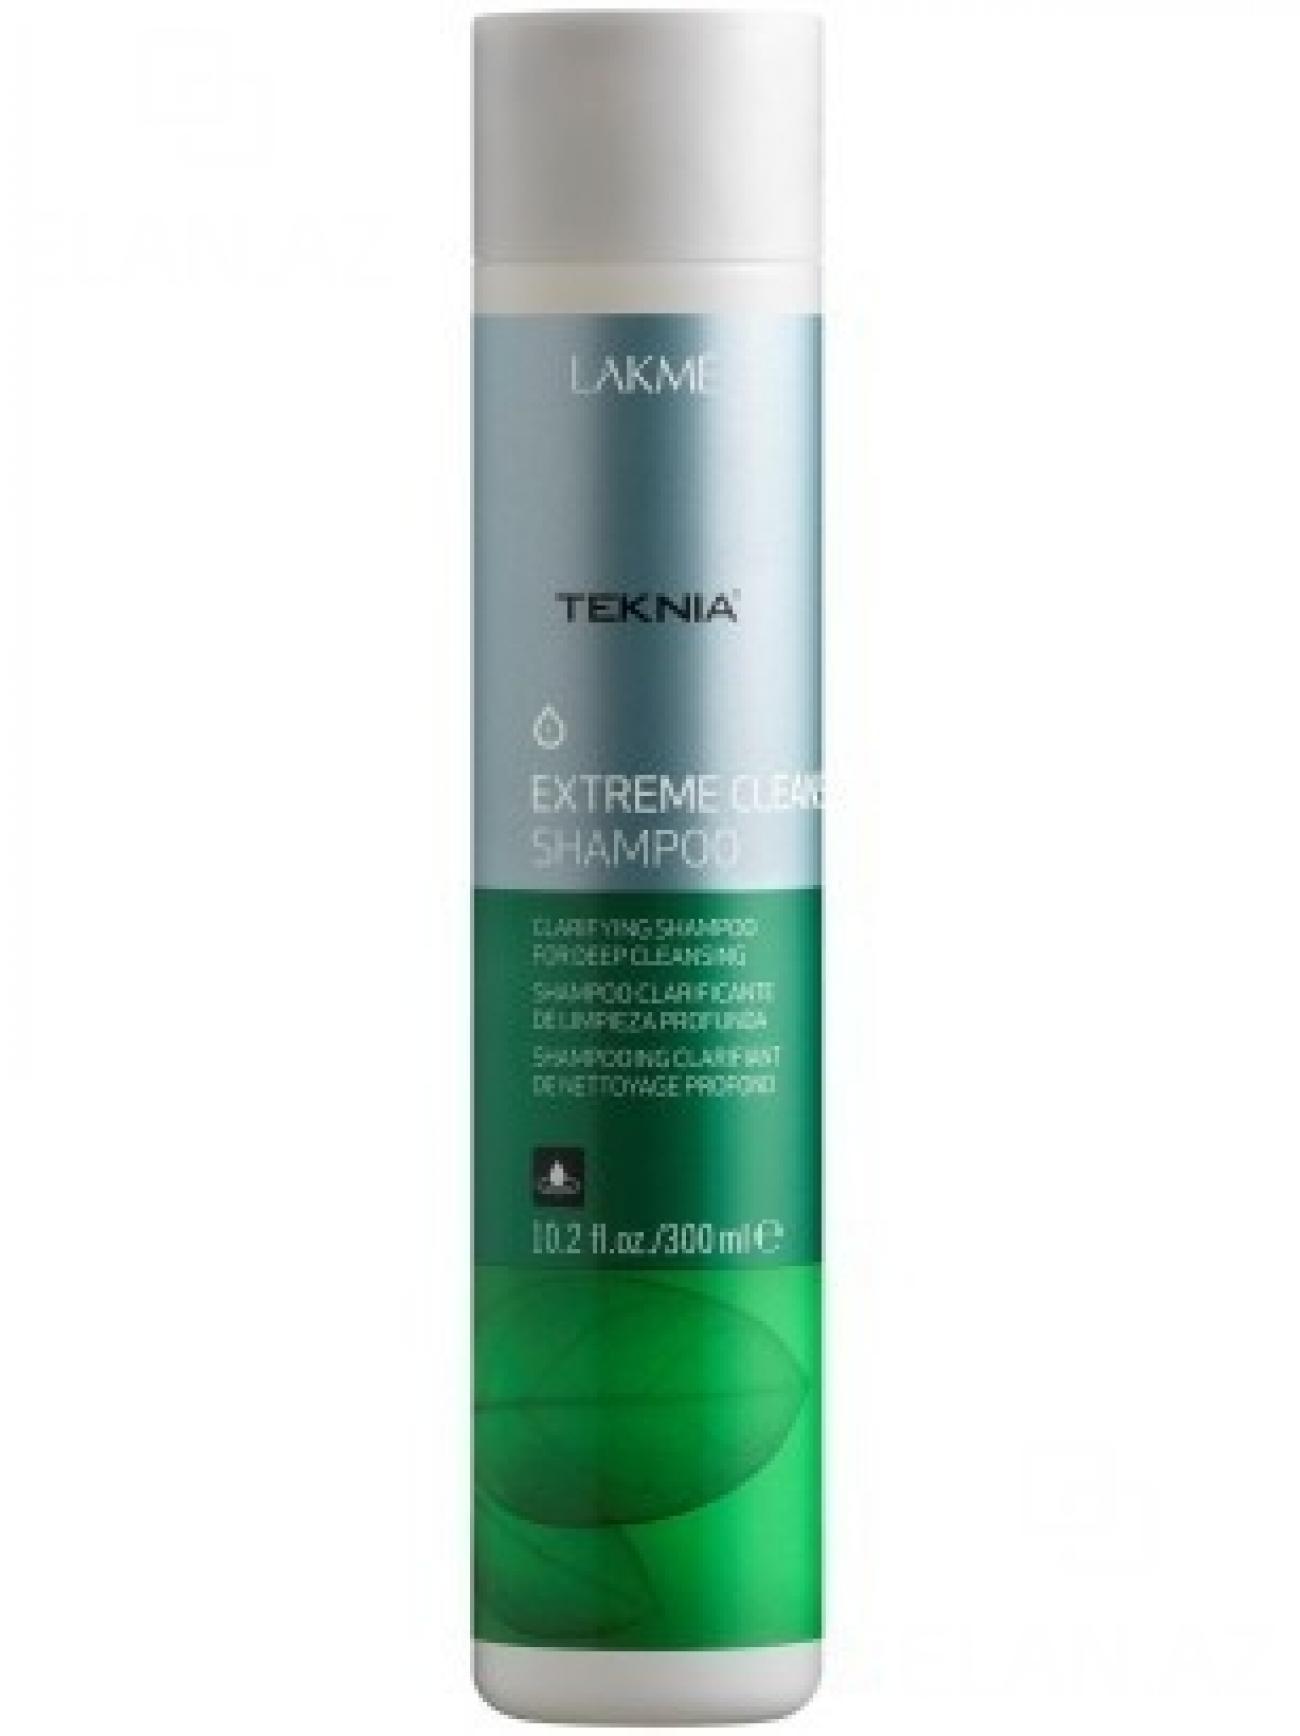 Lakme Шампунь для глубокого очищения Shampoo, 300 мл071-65-9530Обогащенный фруктовыми кислотами и экстрактом зеленого чая, он придает волосам естественный блеск и мягкость. Вытяжка из плодов индийского каштана оказывает вяжущее, антисептическое действие и обеспечивает глубокое очищение , как волос, так и кожи головы. Мягкая формула эффективно удаляет остатки укладочных средств и запахи, не вызывает раздражения. Входящий в состав ментол, мгновенно дает ощущение свежести. Шампунь для глубокого очищения Lakme Teknia Extreme Cleanse Shampoo содержит WAA™ – комплекс растительных аминокислот, ухаживающий за волосами и оказывающий глубокое воздействие изнутри. Идеально подходит для очень жирных волос.